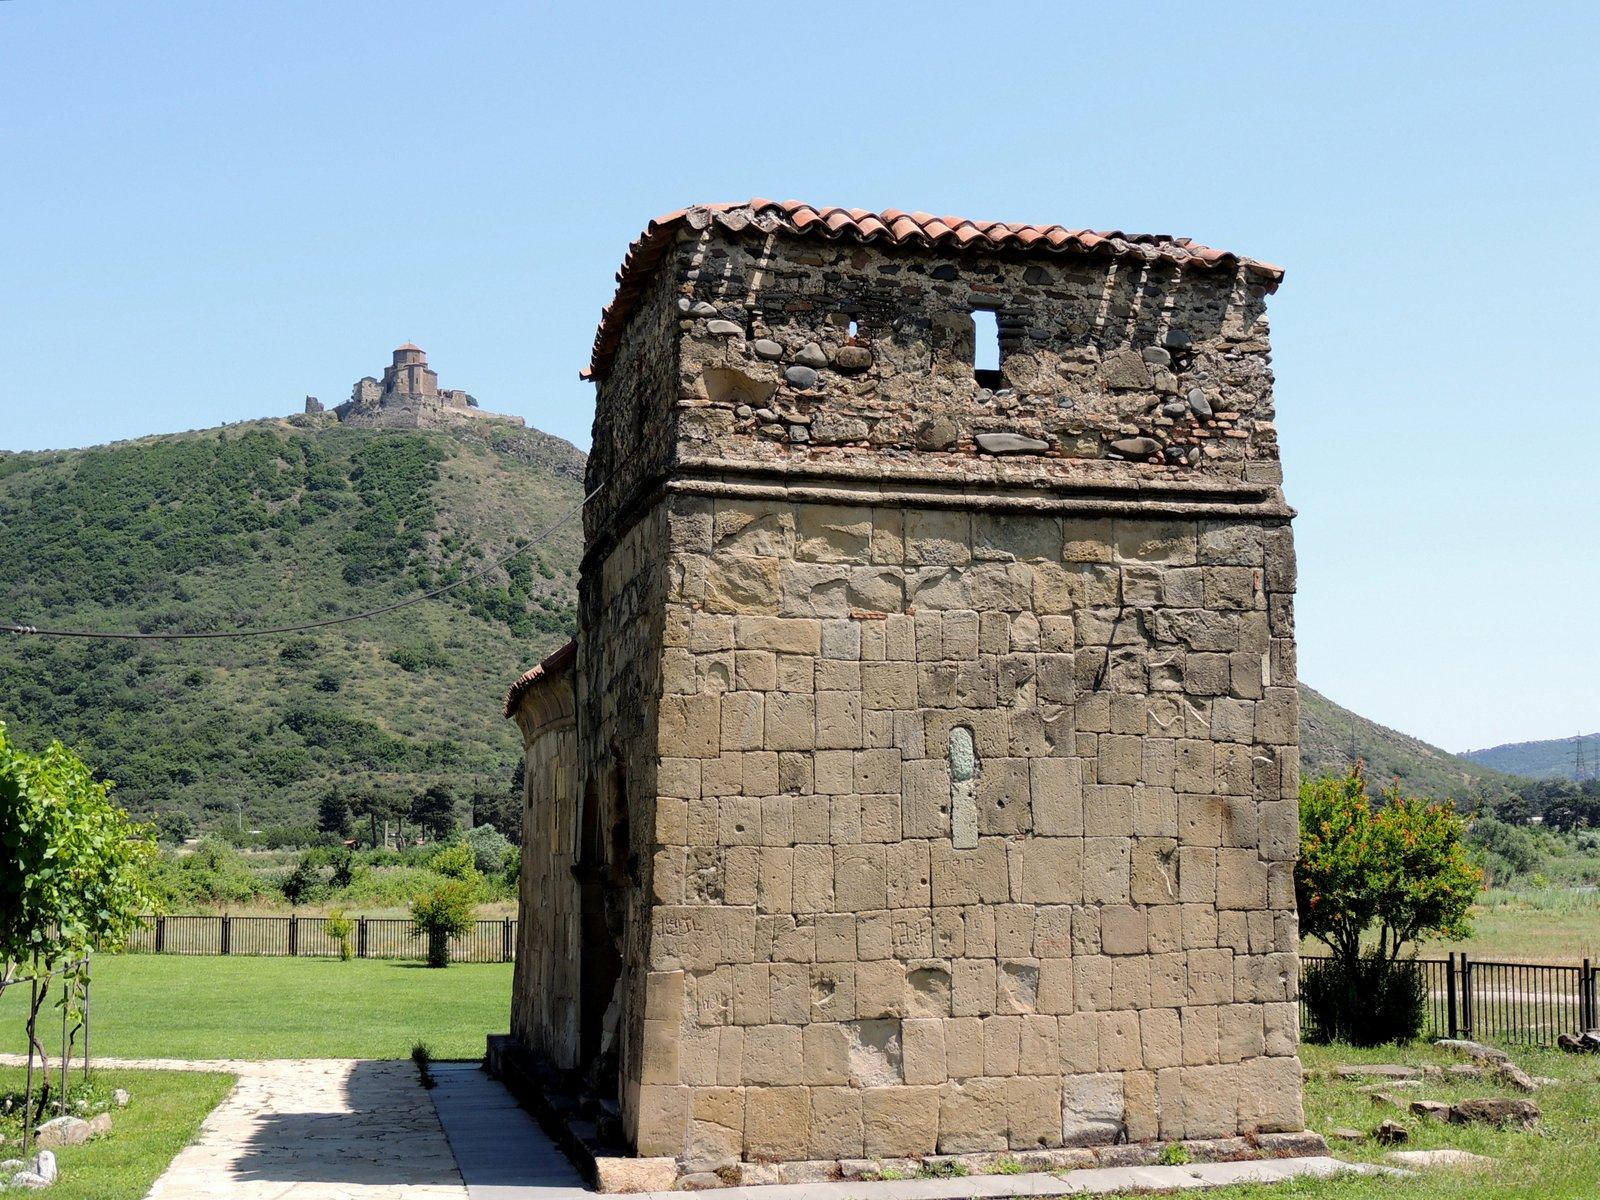 Antiochia Kapelle von Mzcheta mit der Kreuzkirche im Hintergrund